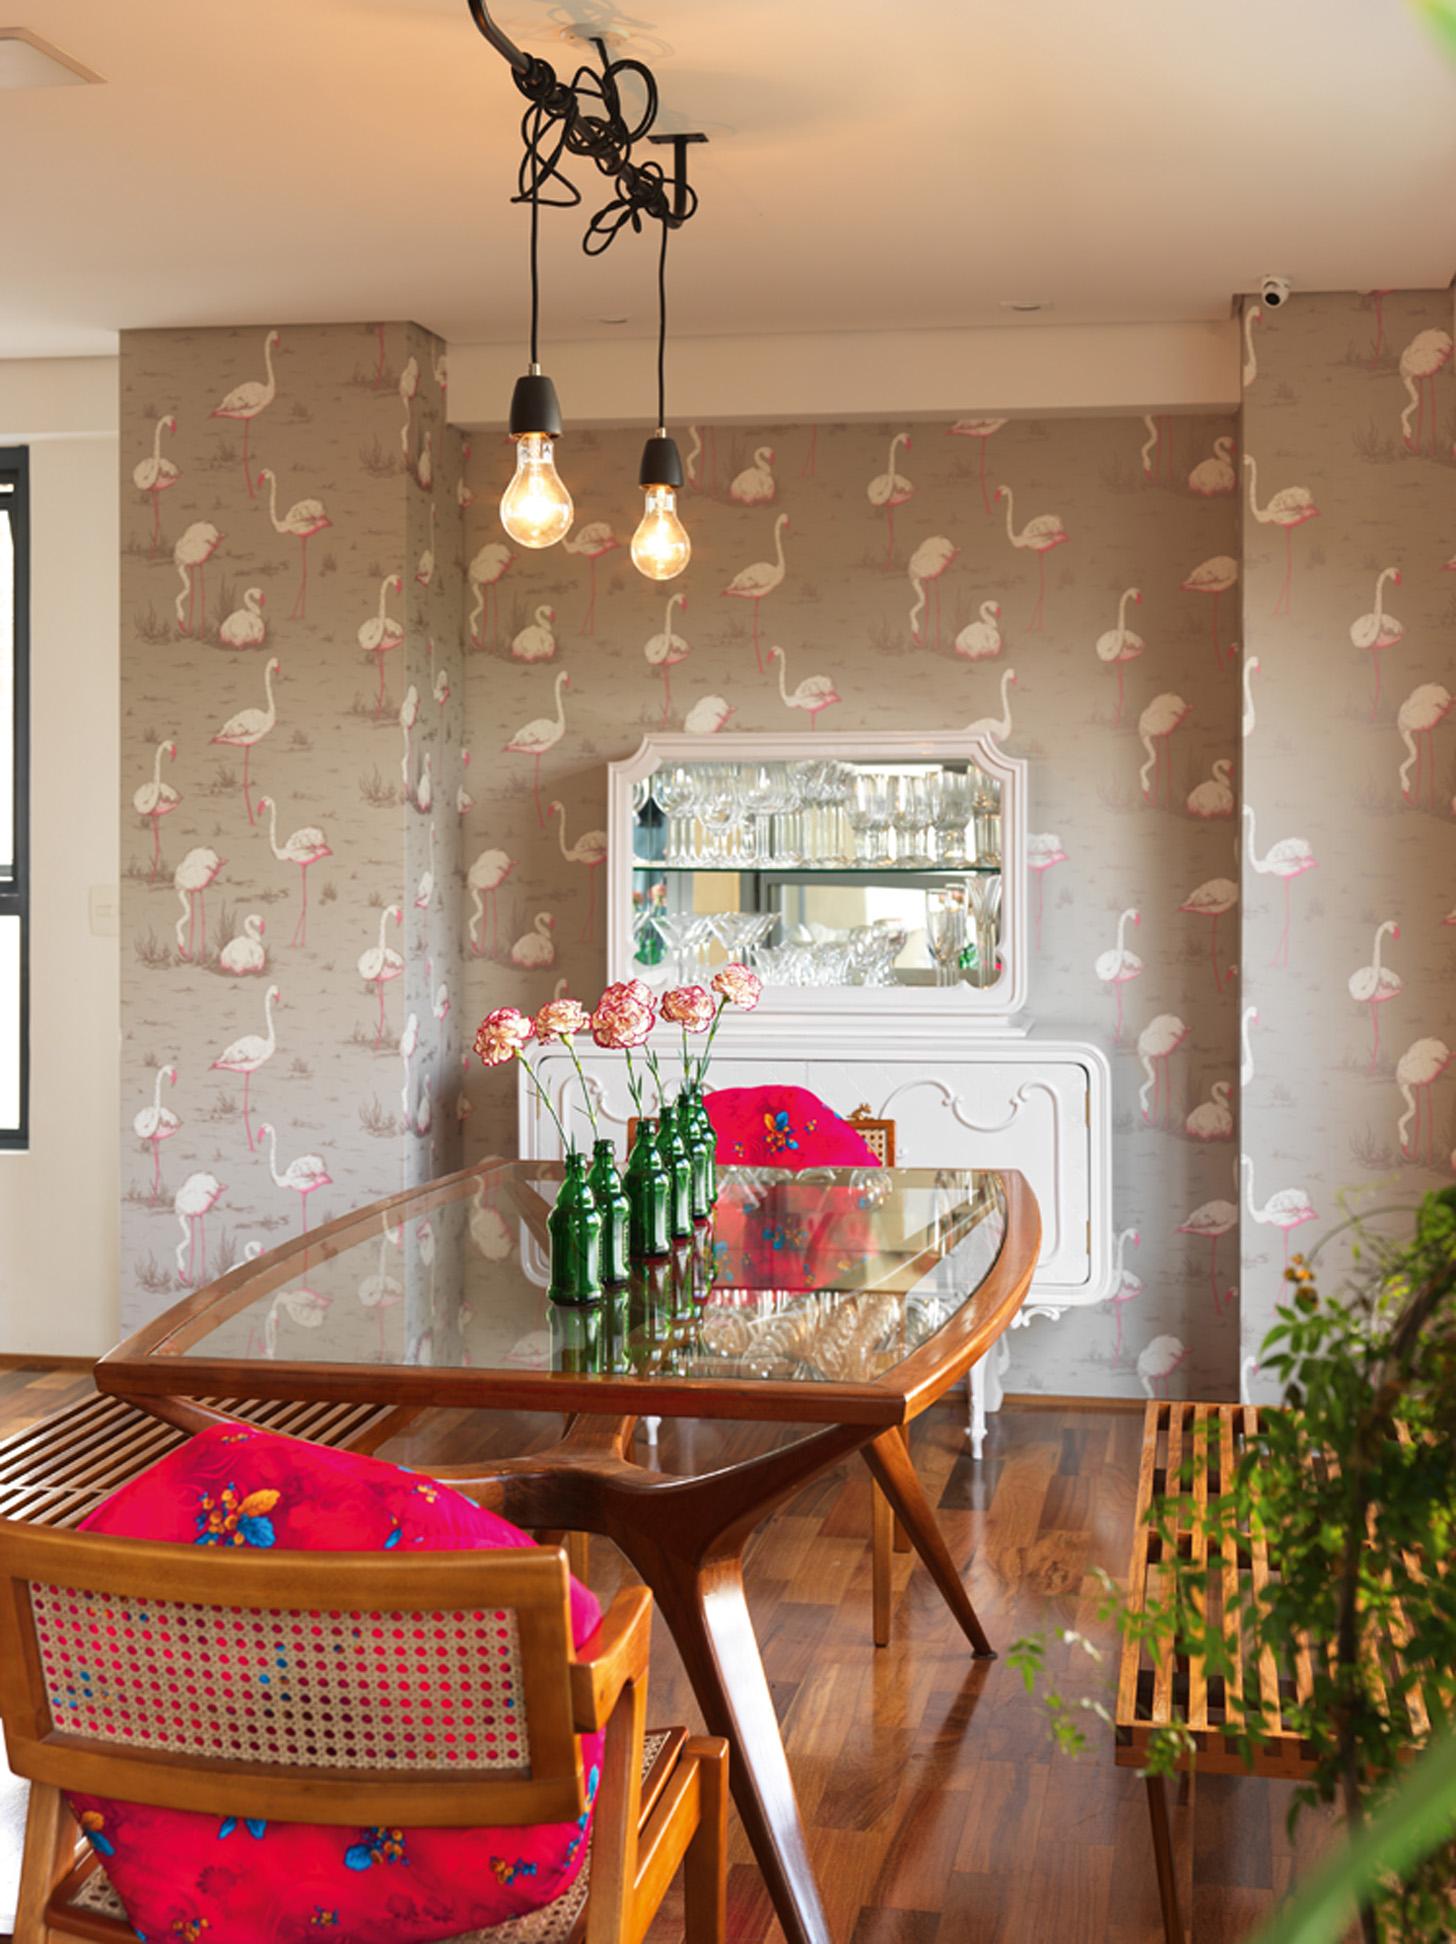 Designer: O papel de parede veio de Londres. Cristaleira reformada pelo estúdio Ateliando. Mesa e banco Maria Jovem. A luminária foi feita por Camila